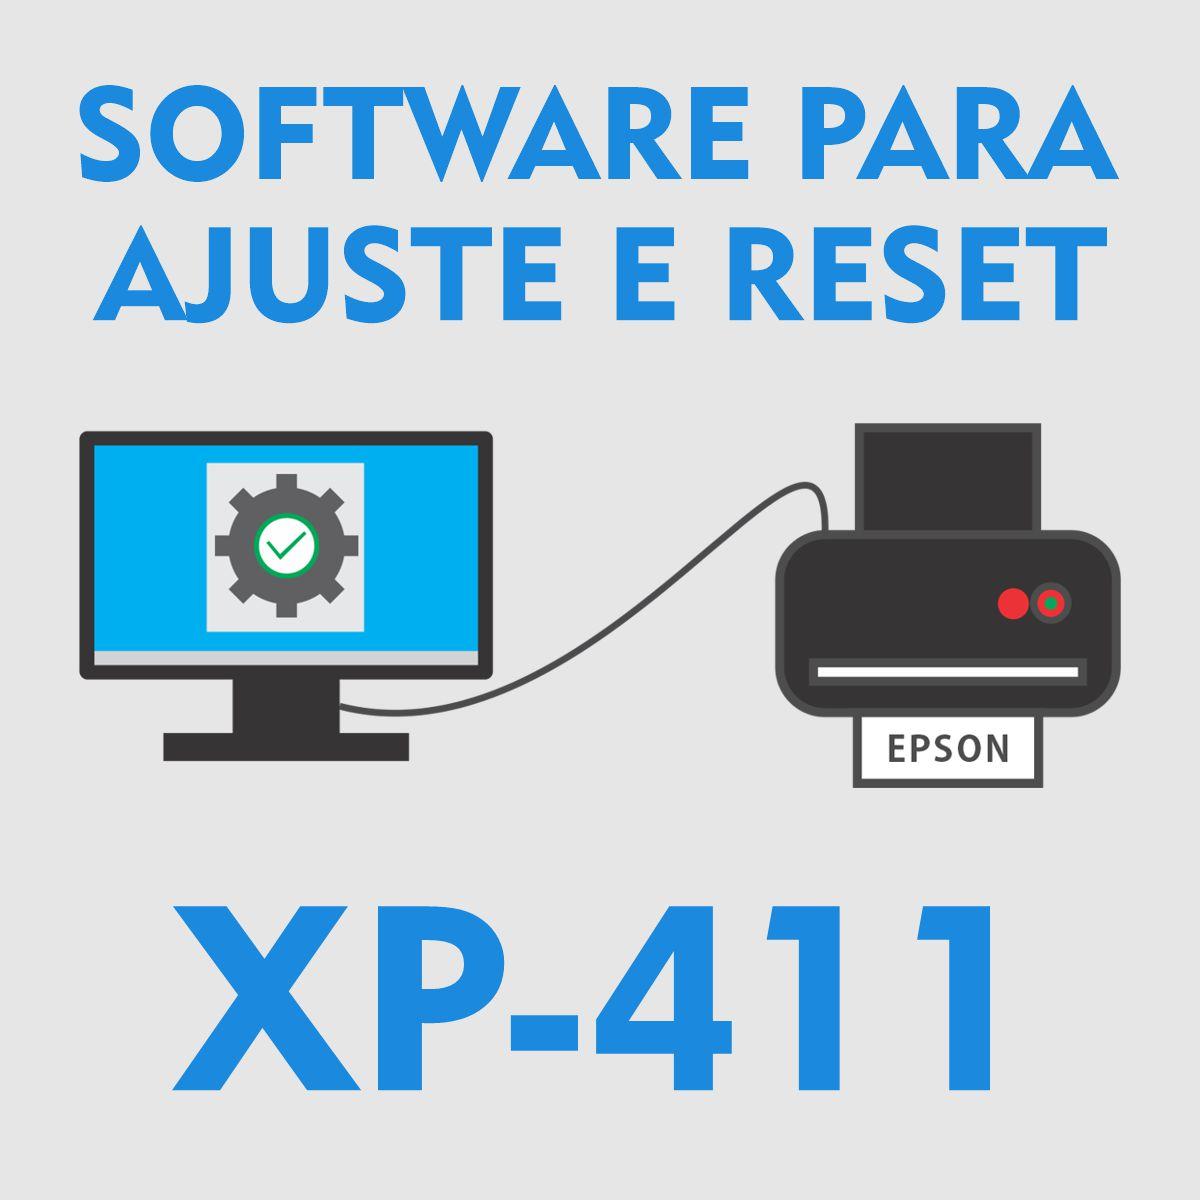 EPSON XP-411 | SOFTWARE PARA AJUSTES E RESET DAS ALMOFADAS